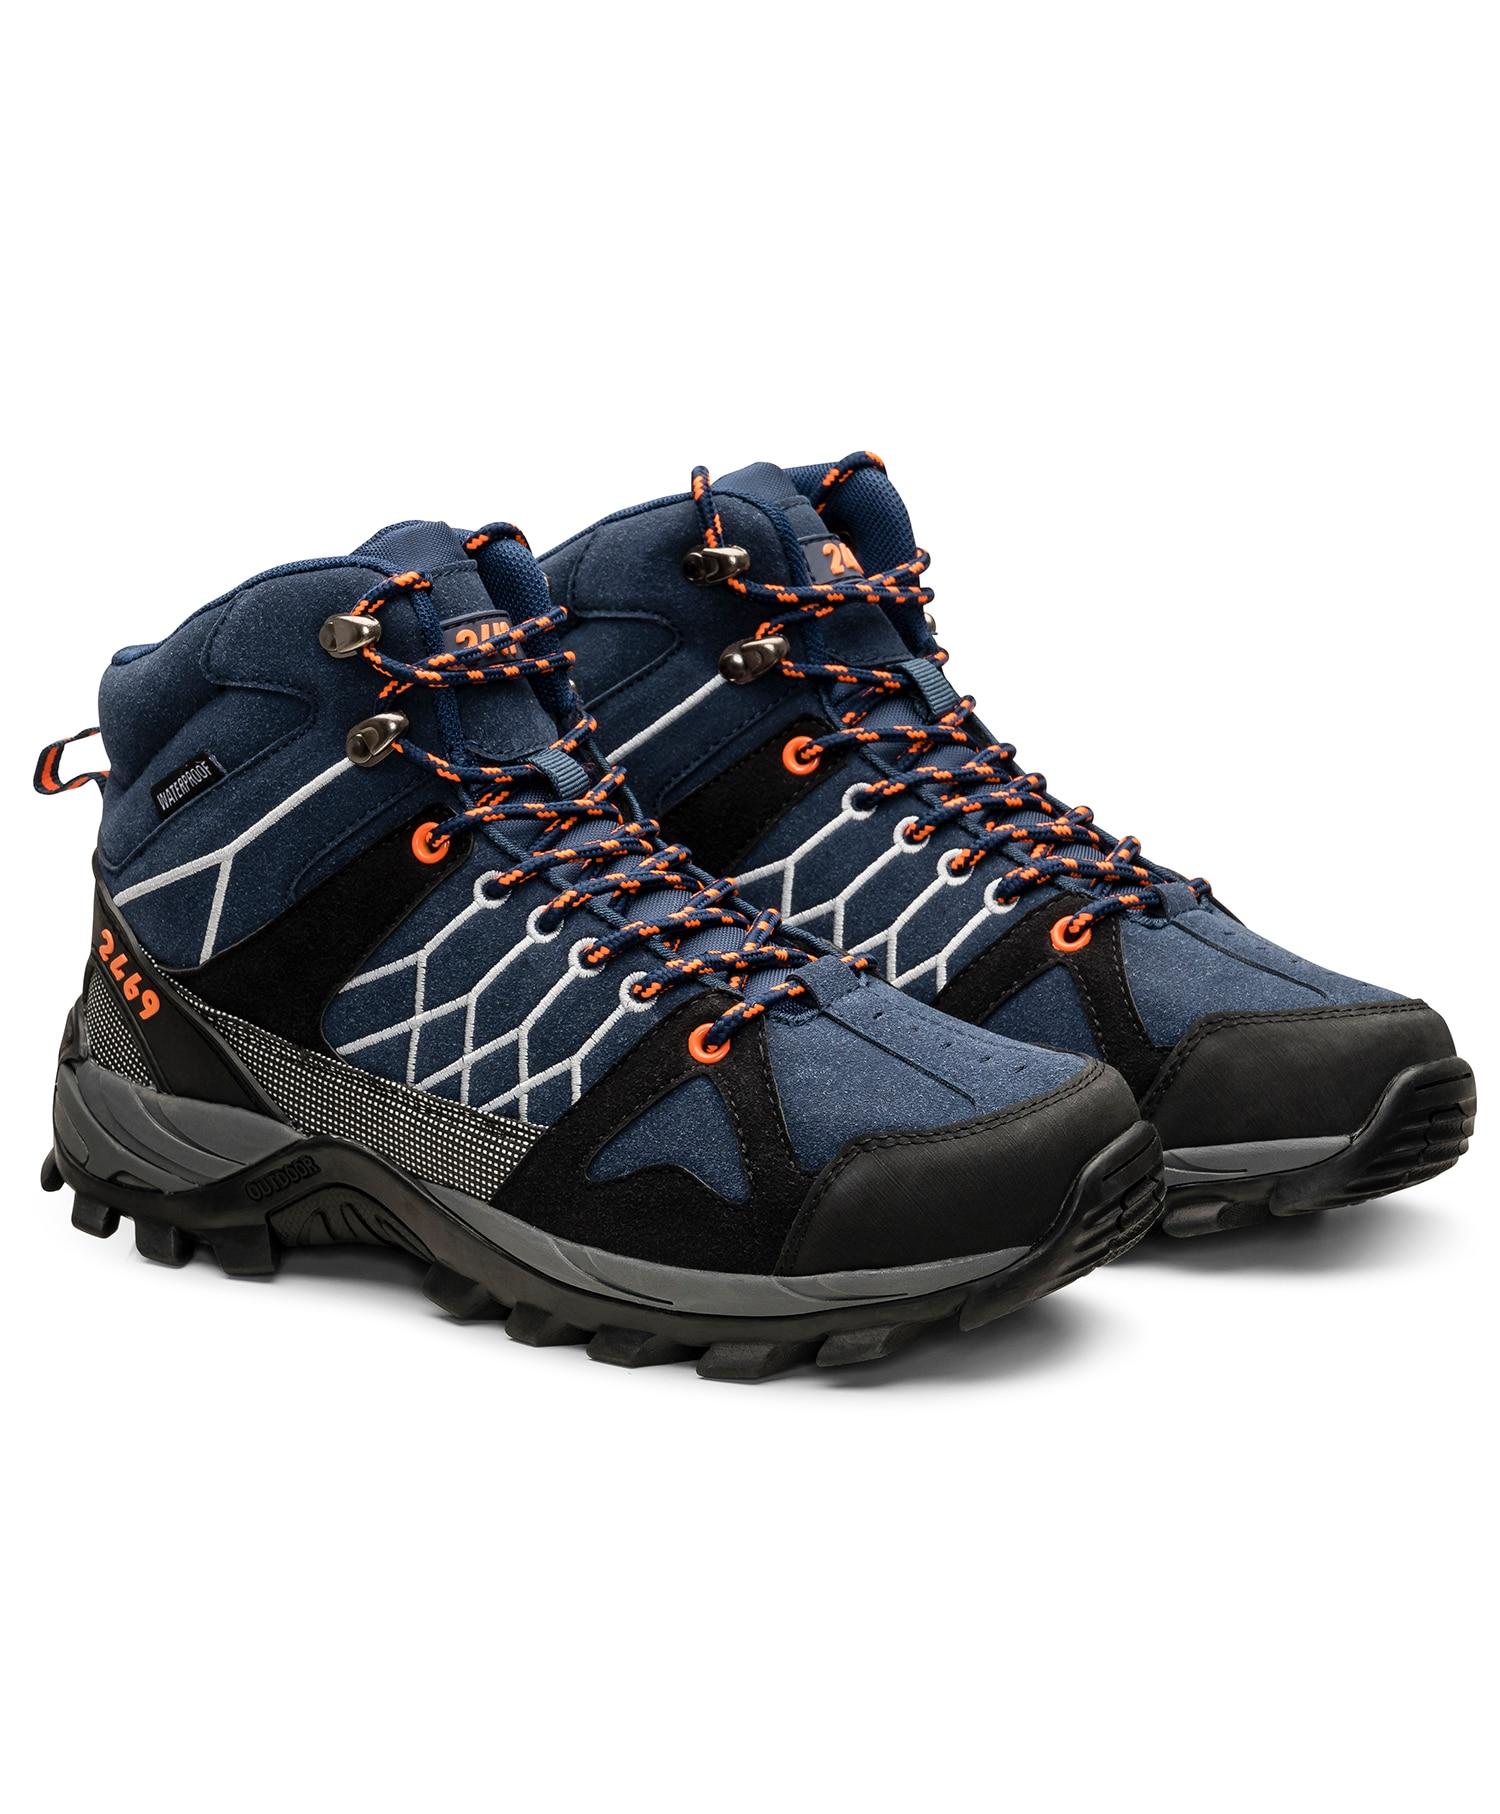 2469 Hiker Mid